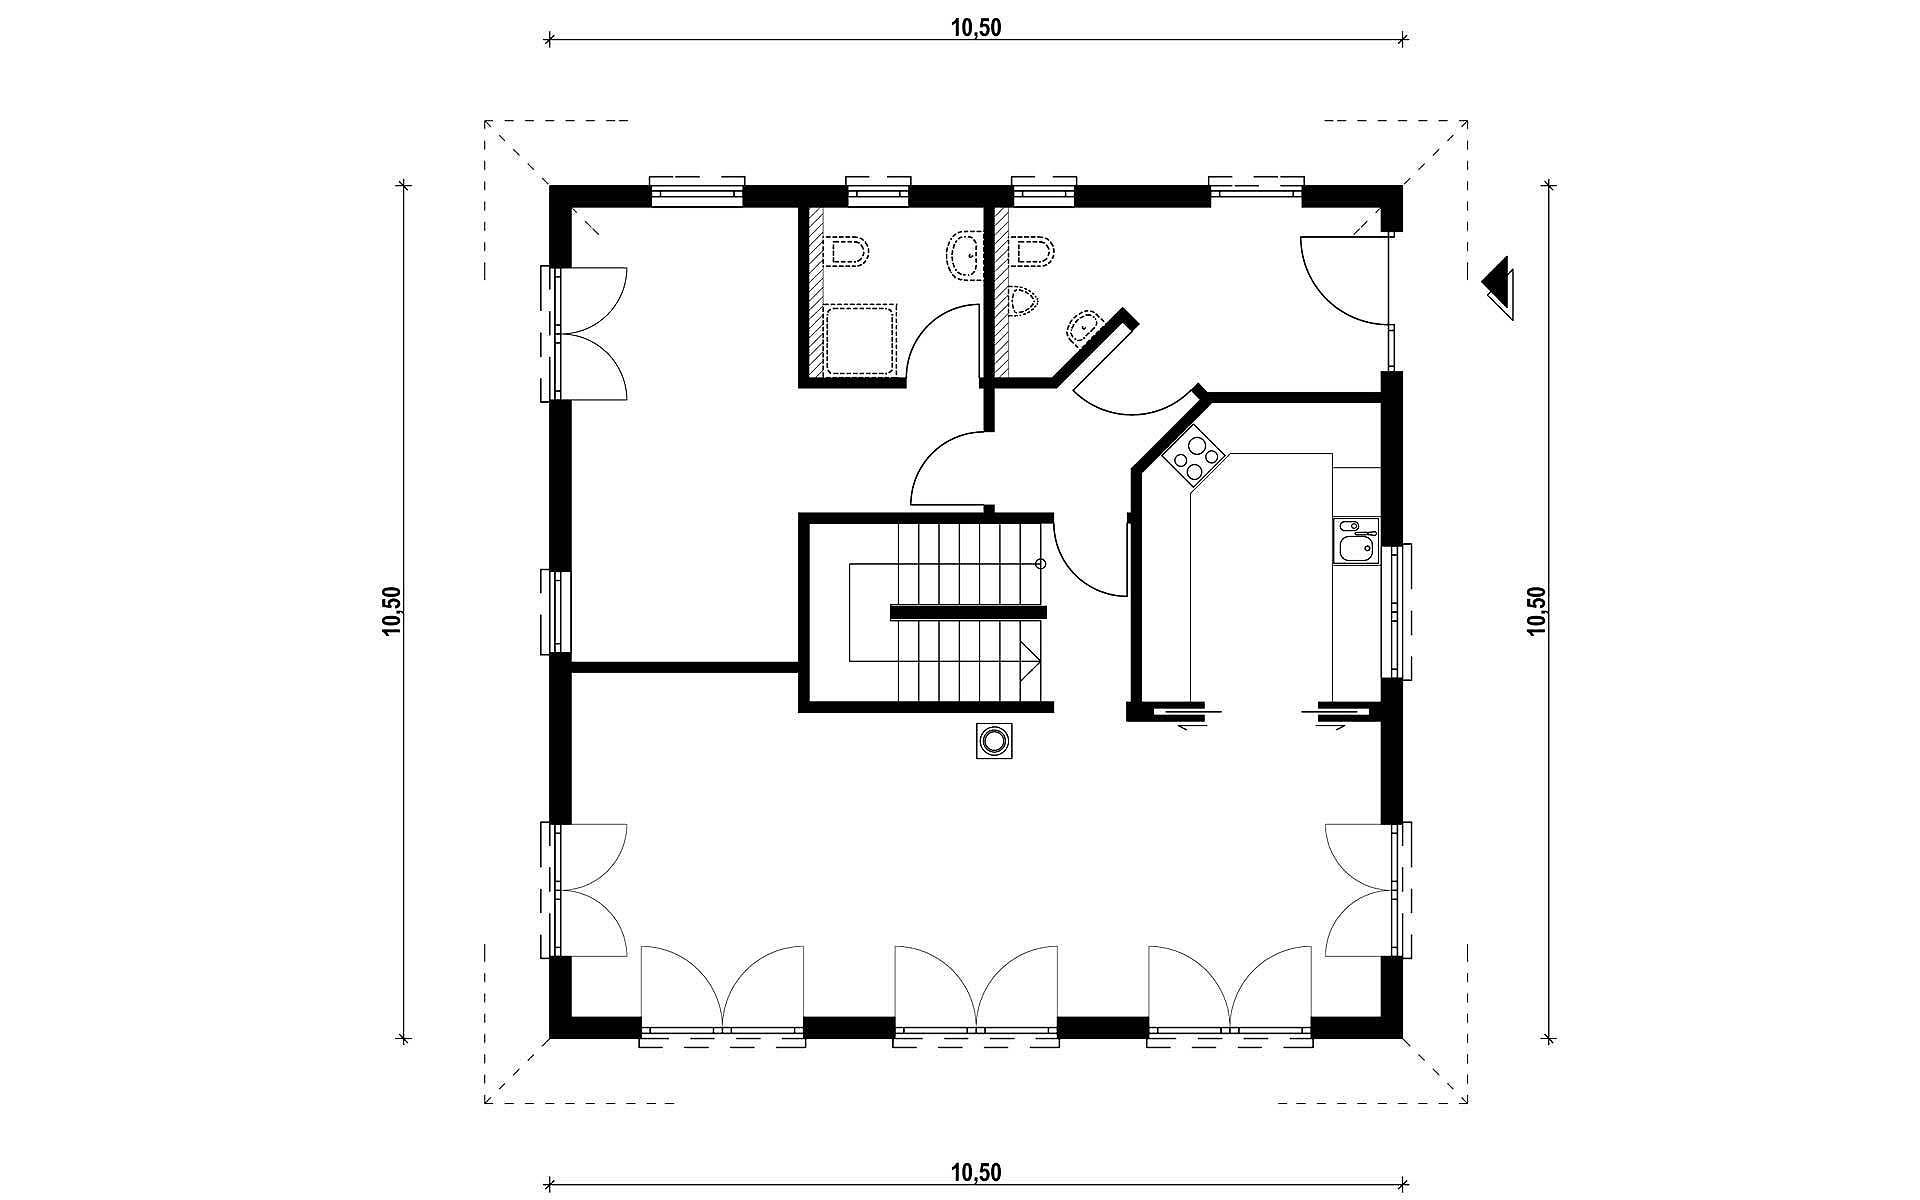 Erdgeschoss Homestory 731 von Lehner-Haus GmbH